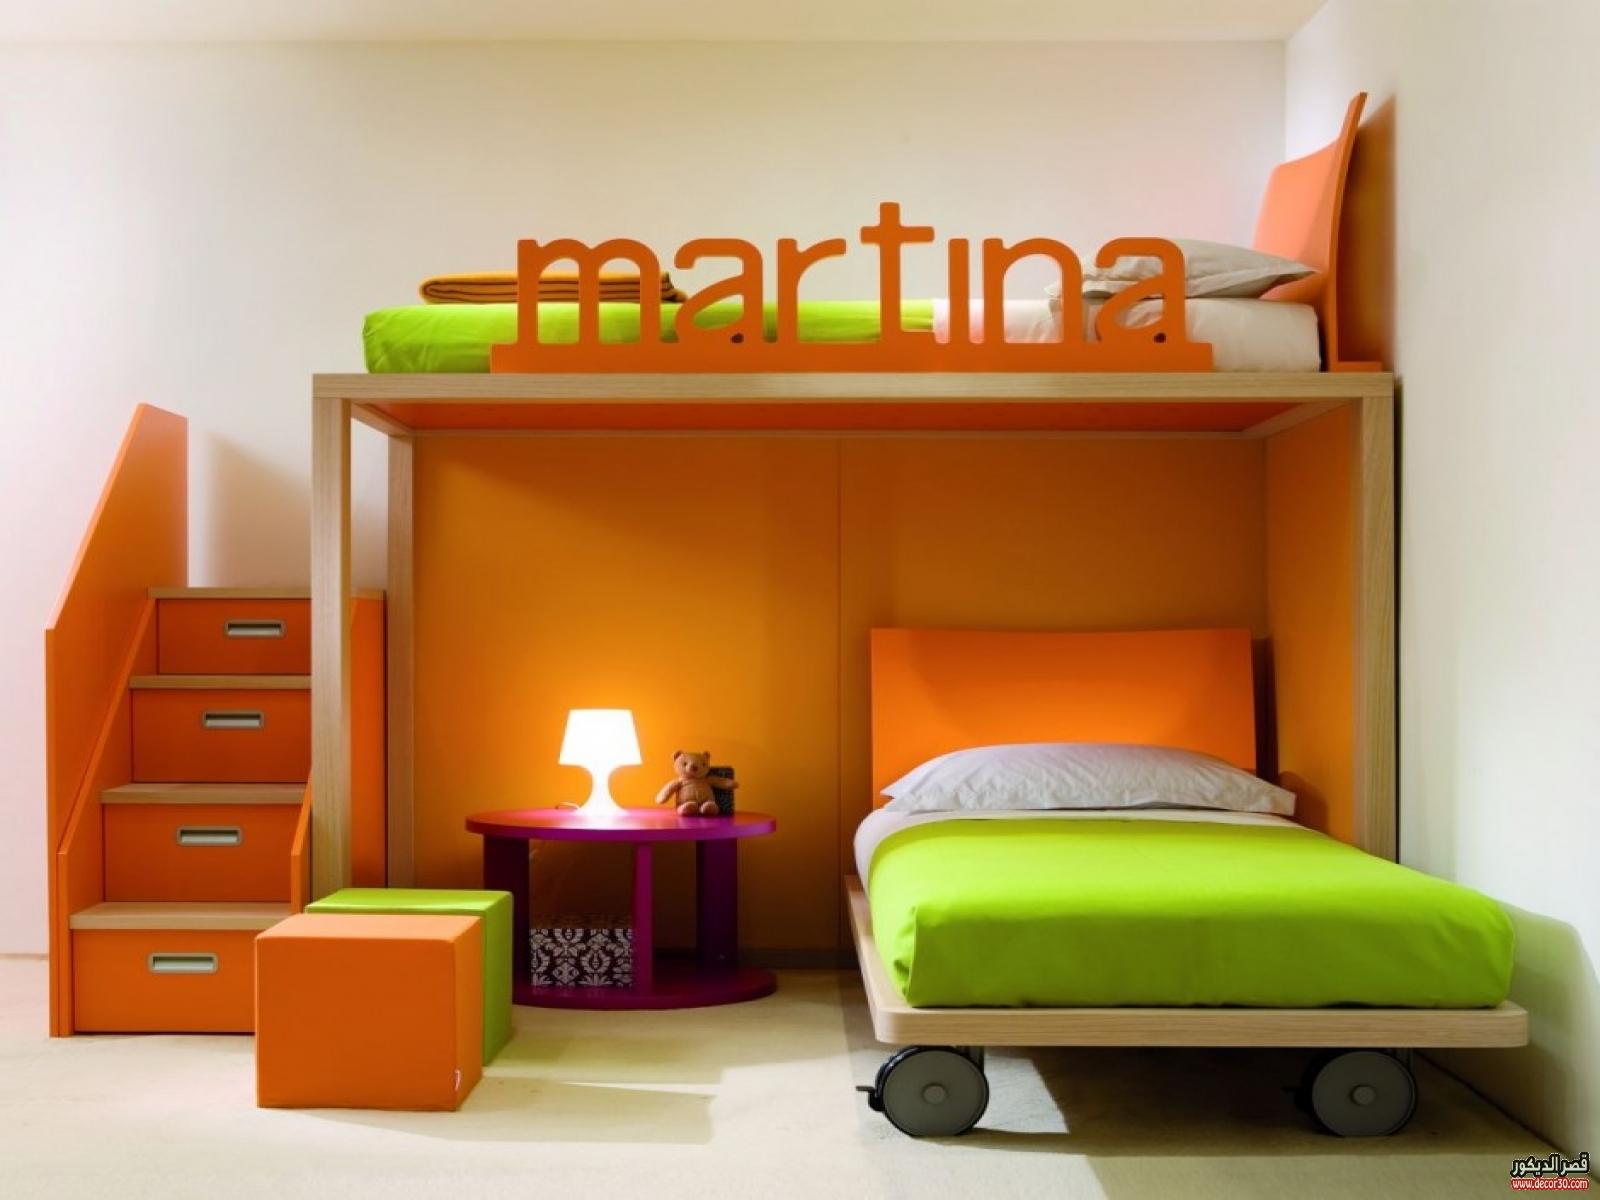 غرف نوم اطفال بسريرين Childrens Twin Bedroom قصر الديكور